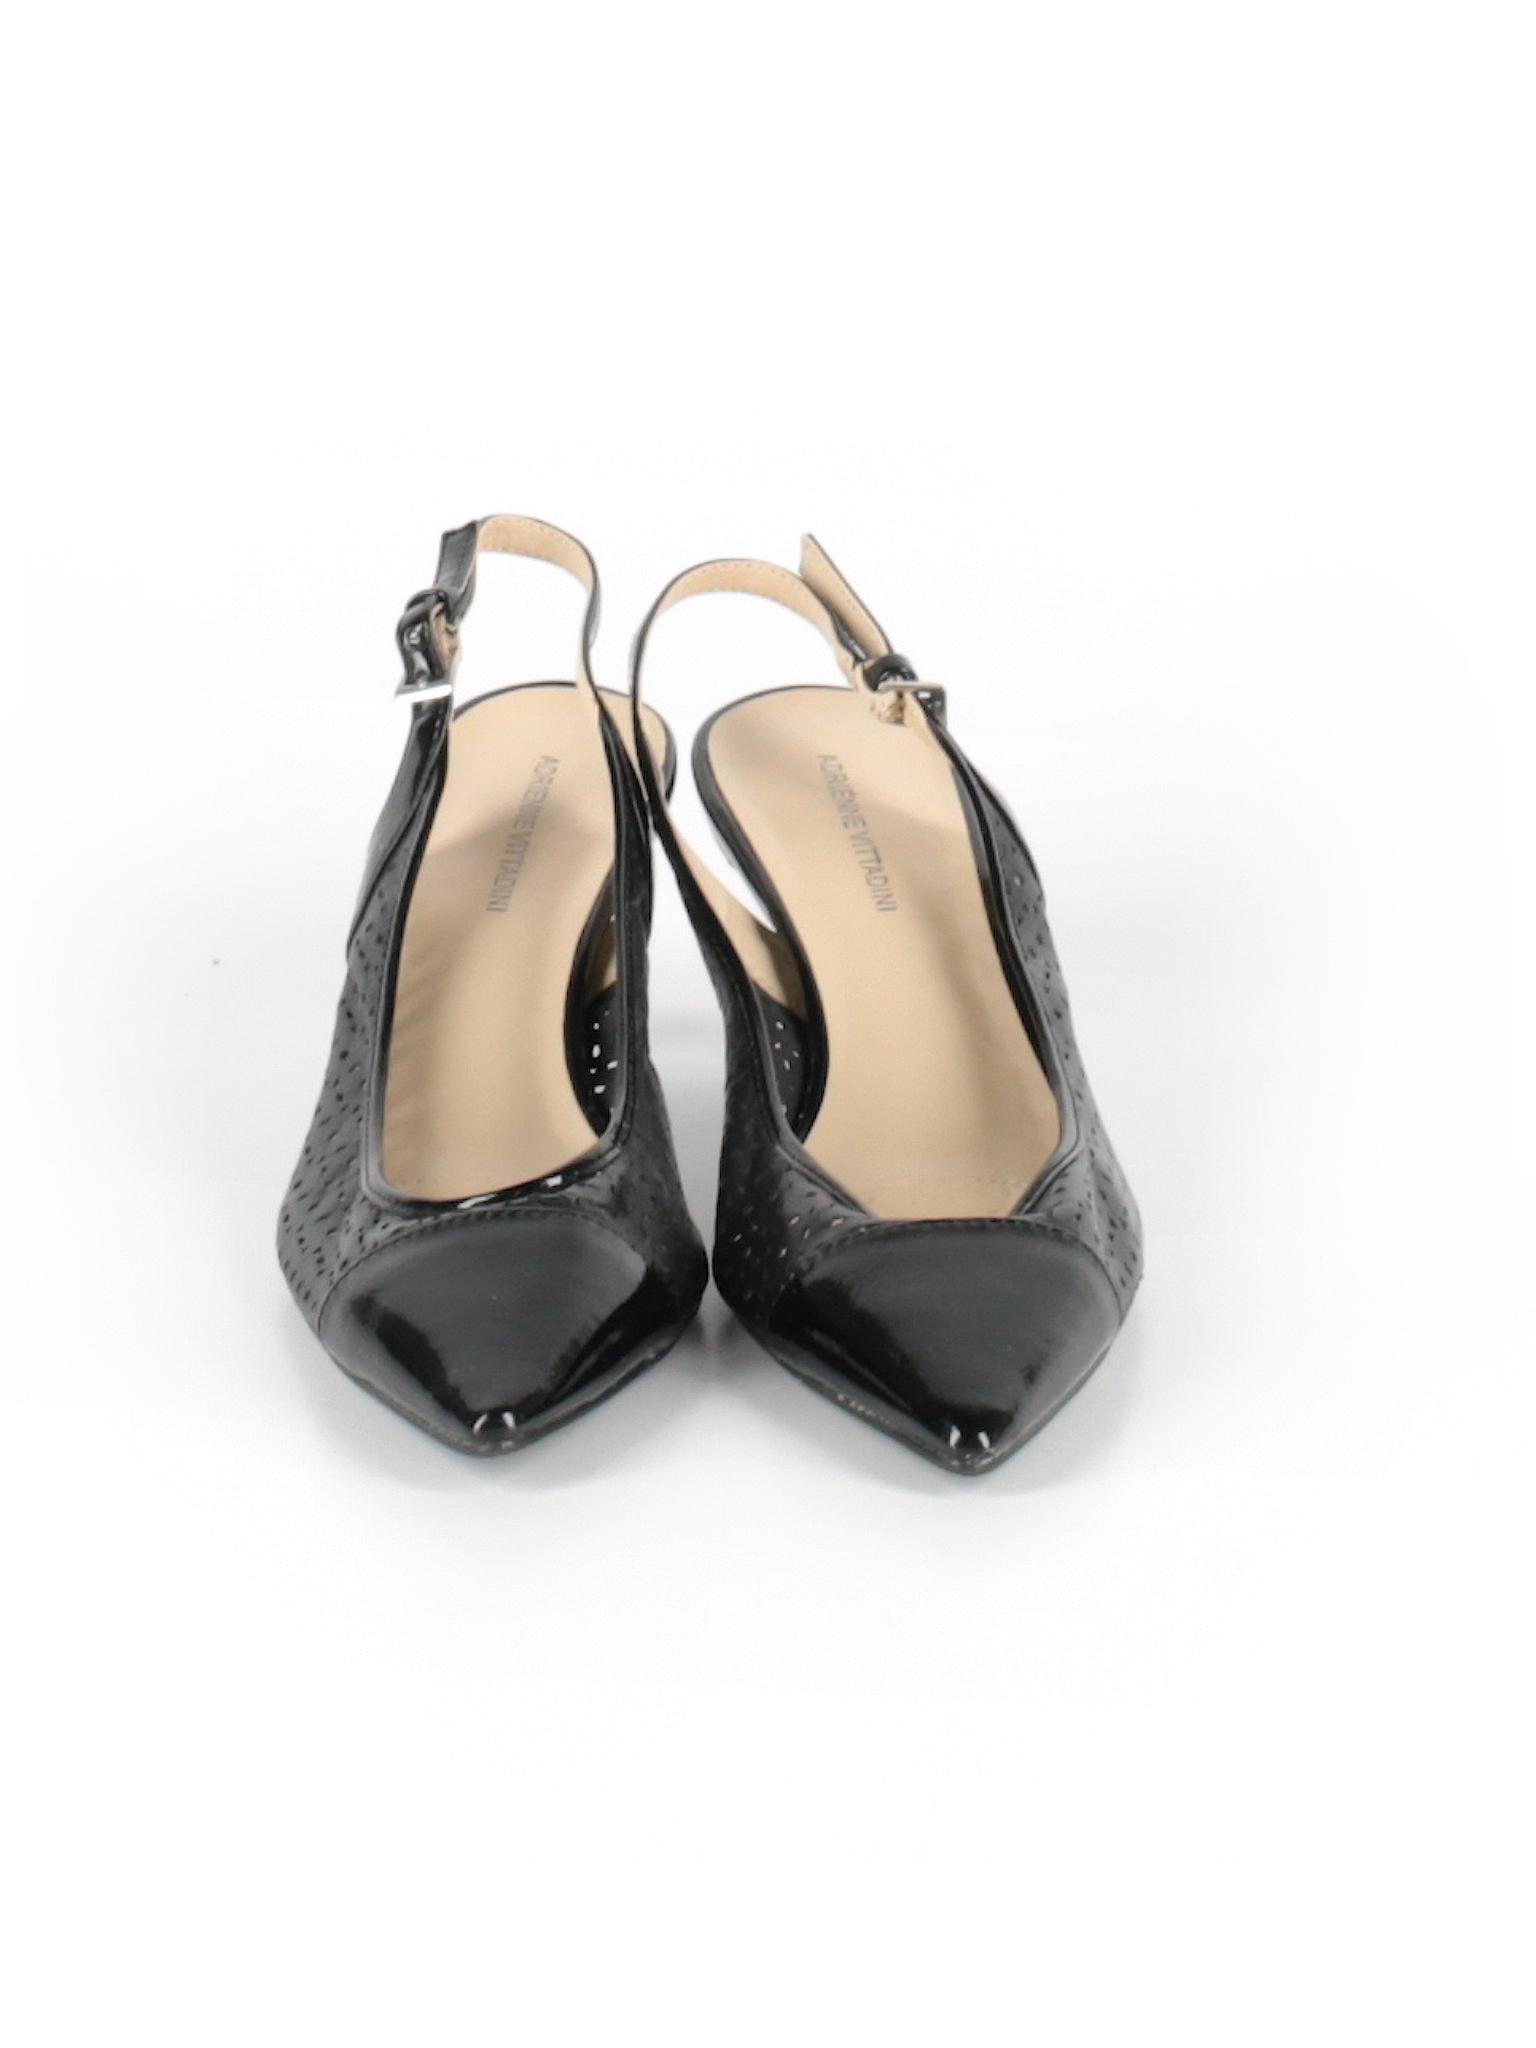 Vittadini Heels Boutique Adrienne promotion promotion Boutique nqFZfO